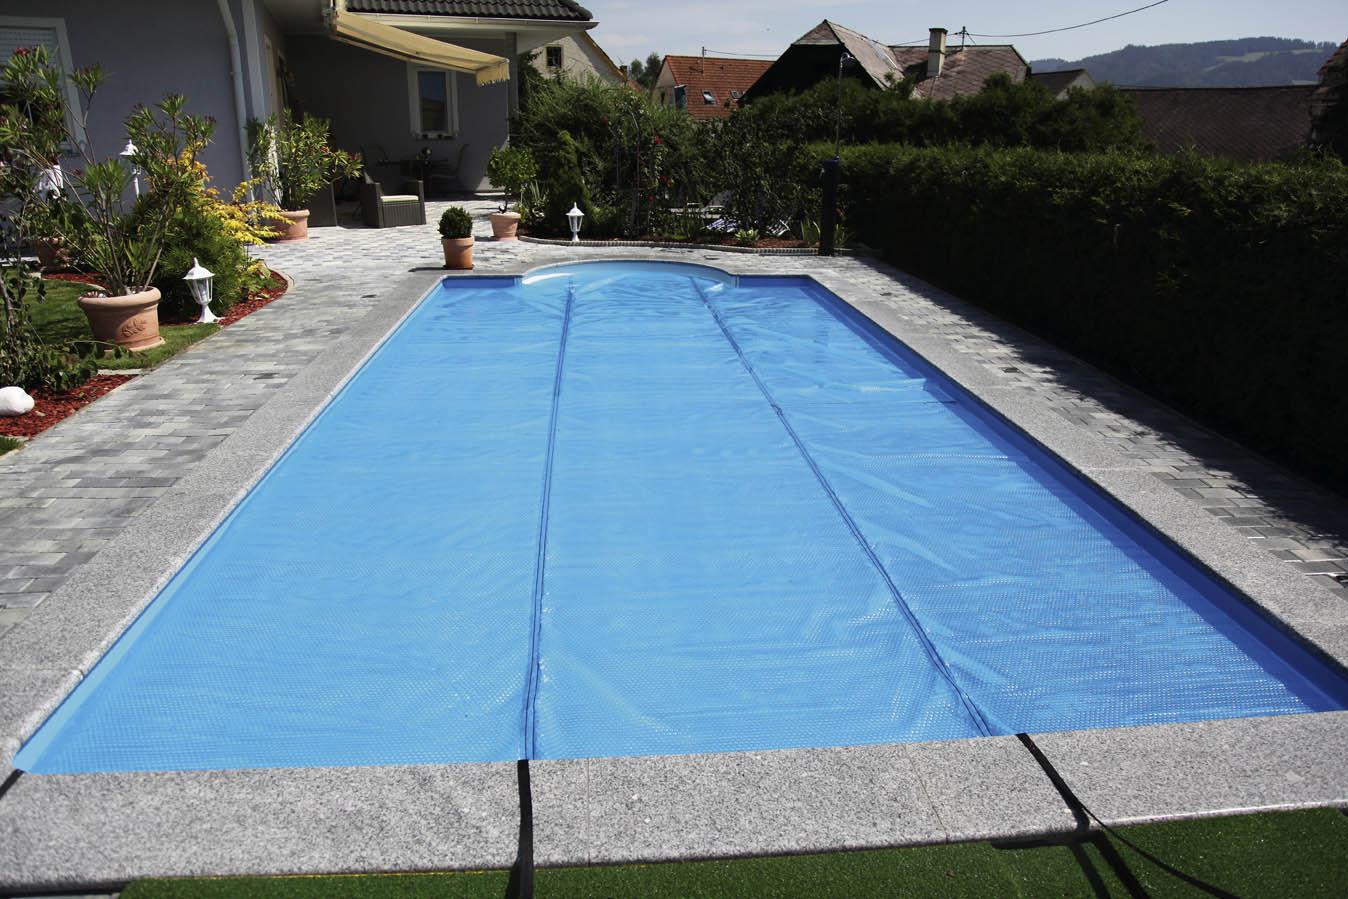 solarplanen erh hen die wassertemperatur ihres pools cranpool. Black Bedroom Furniture Sets. Home Design Ideas